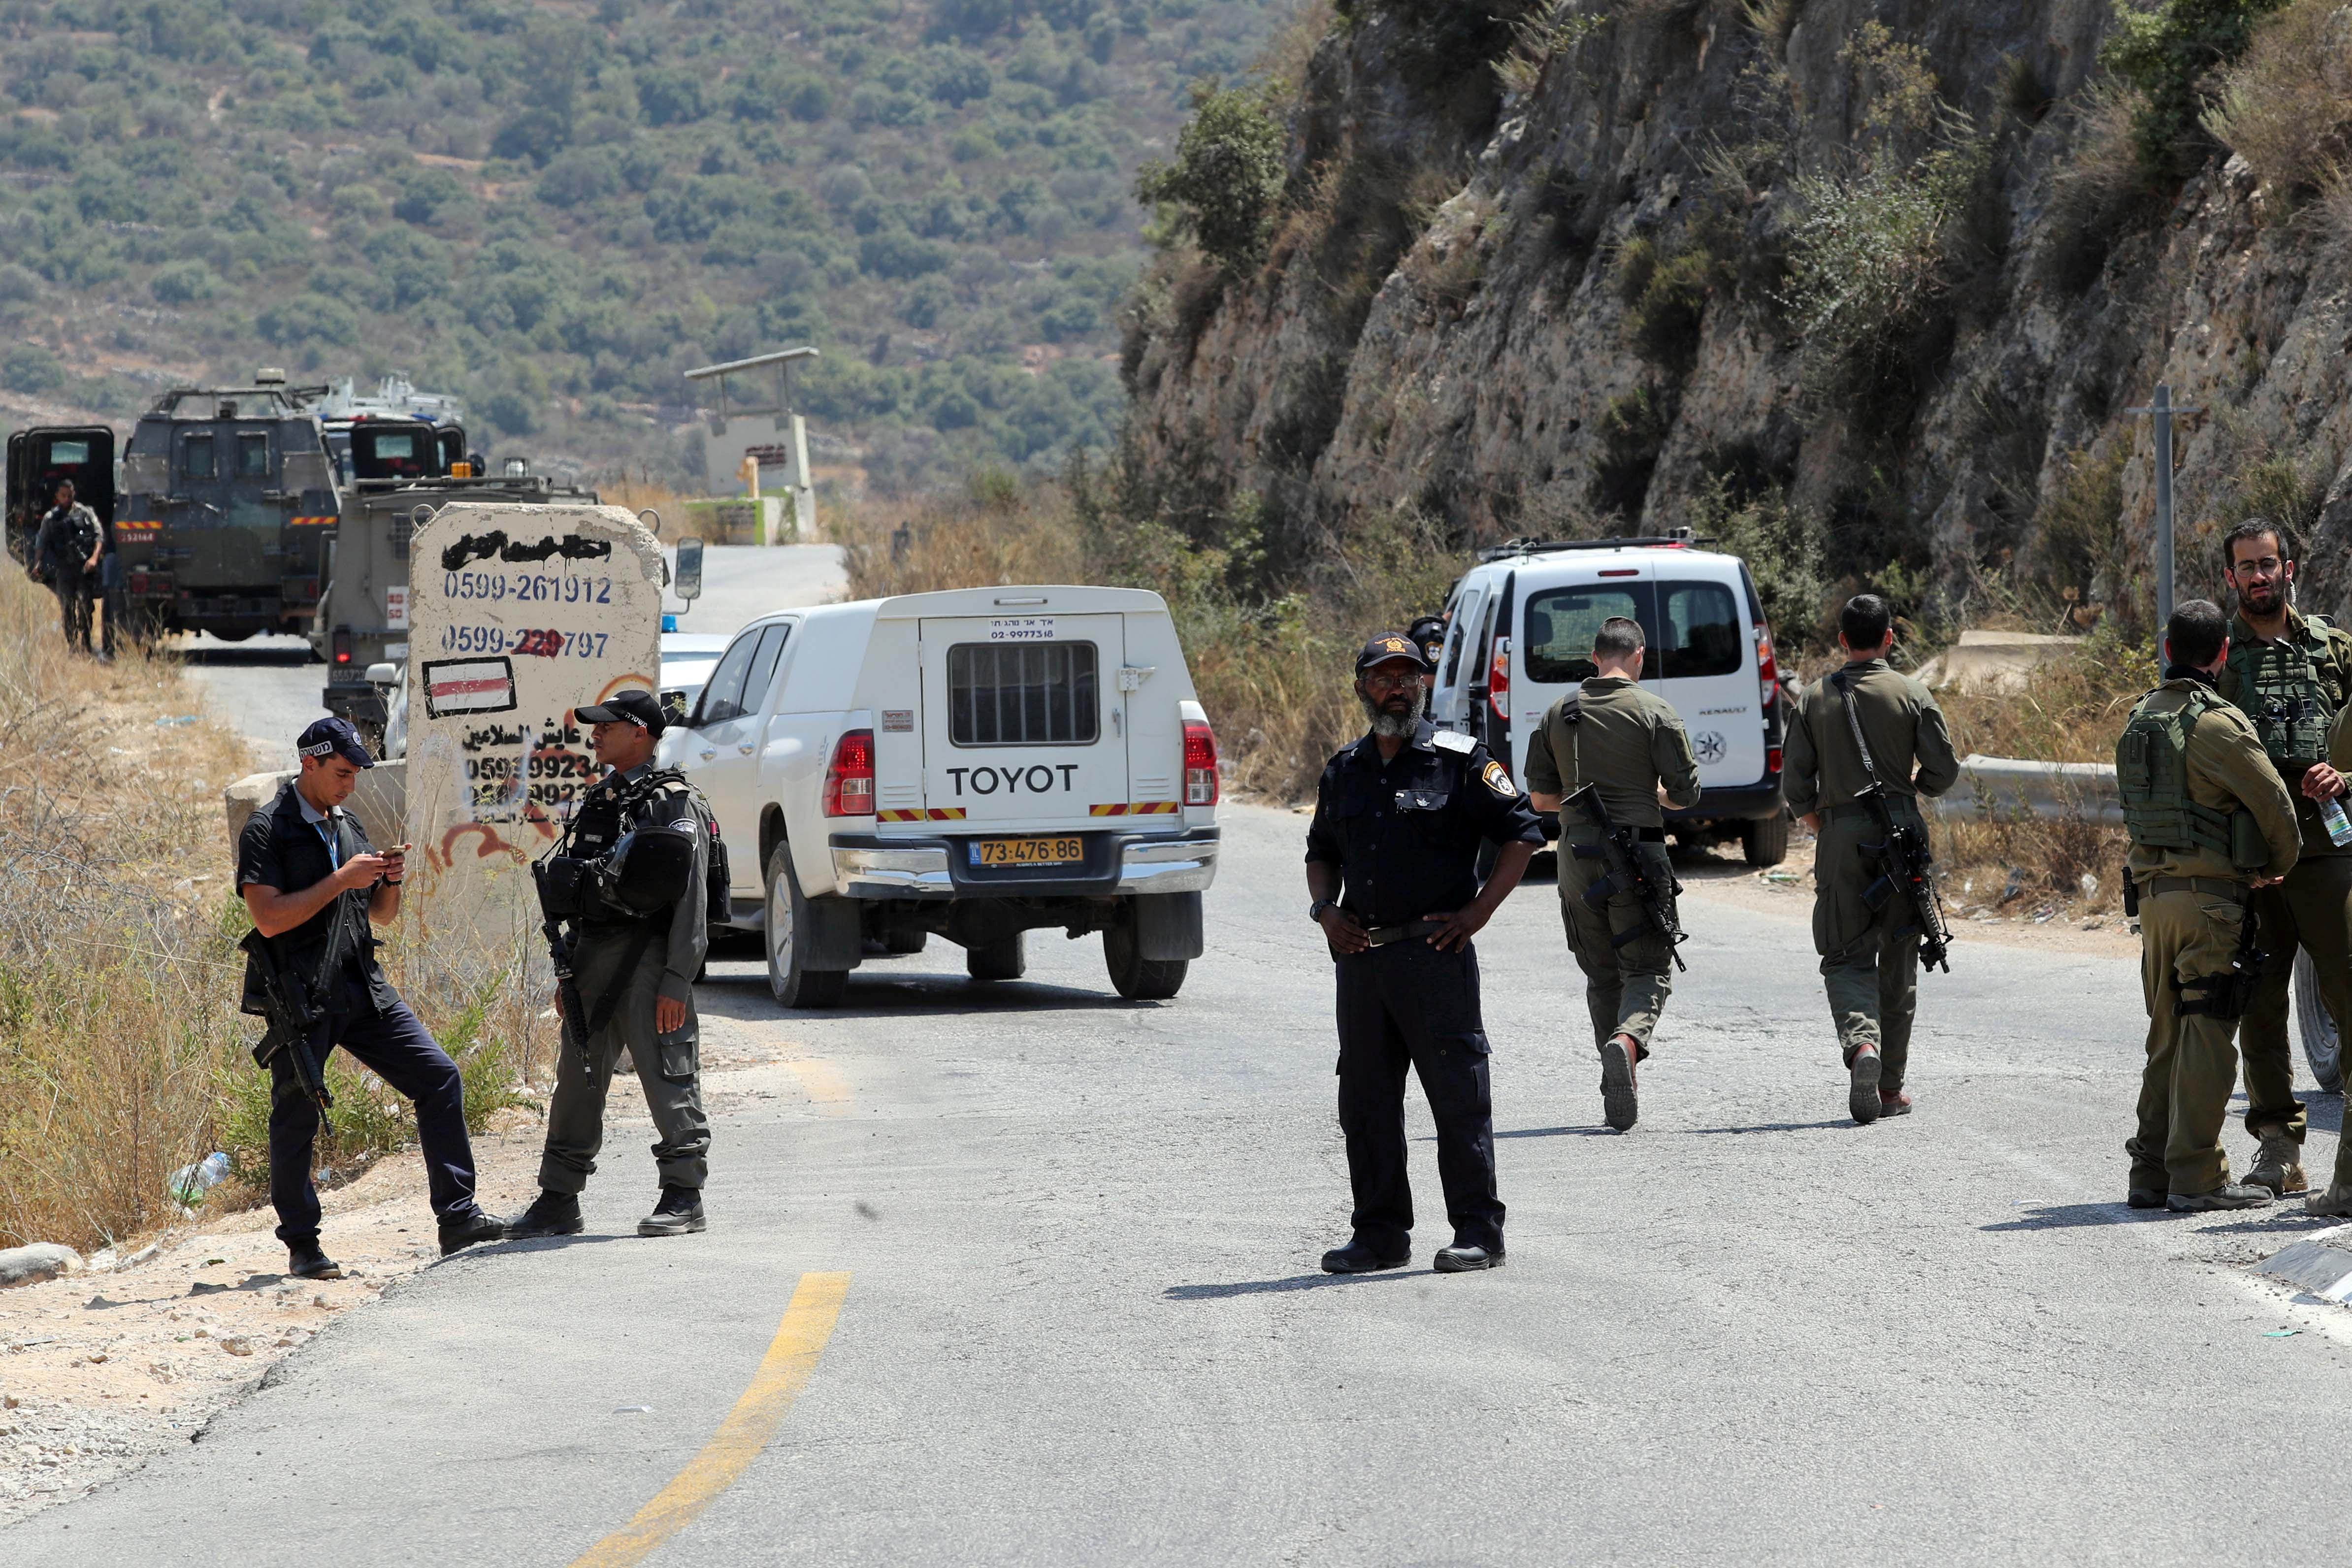 Israeli teenager killed by bomb near settlement: Israeli officials